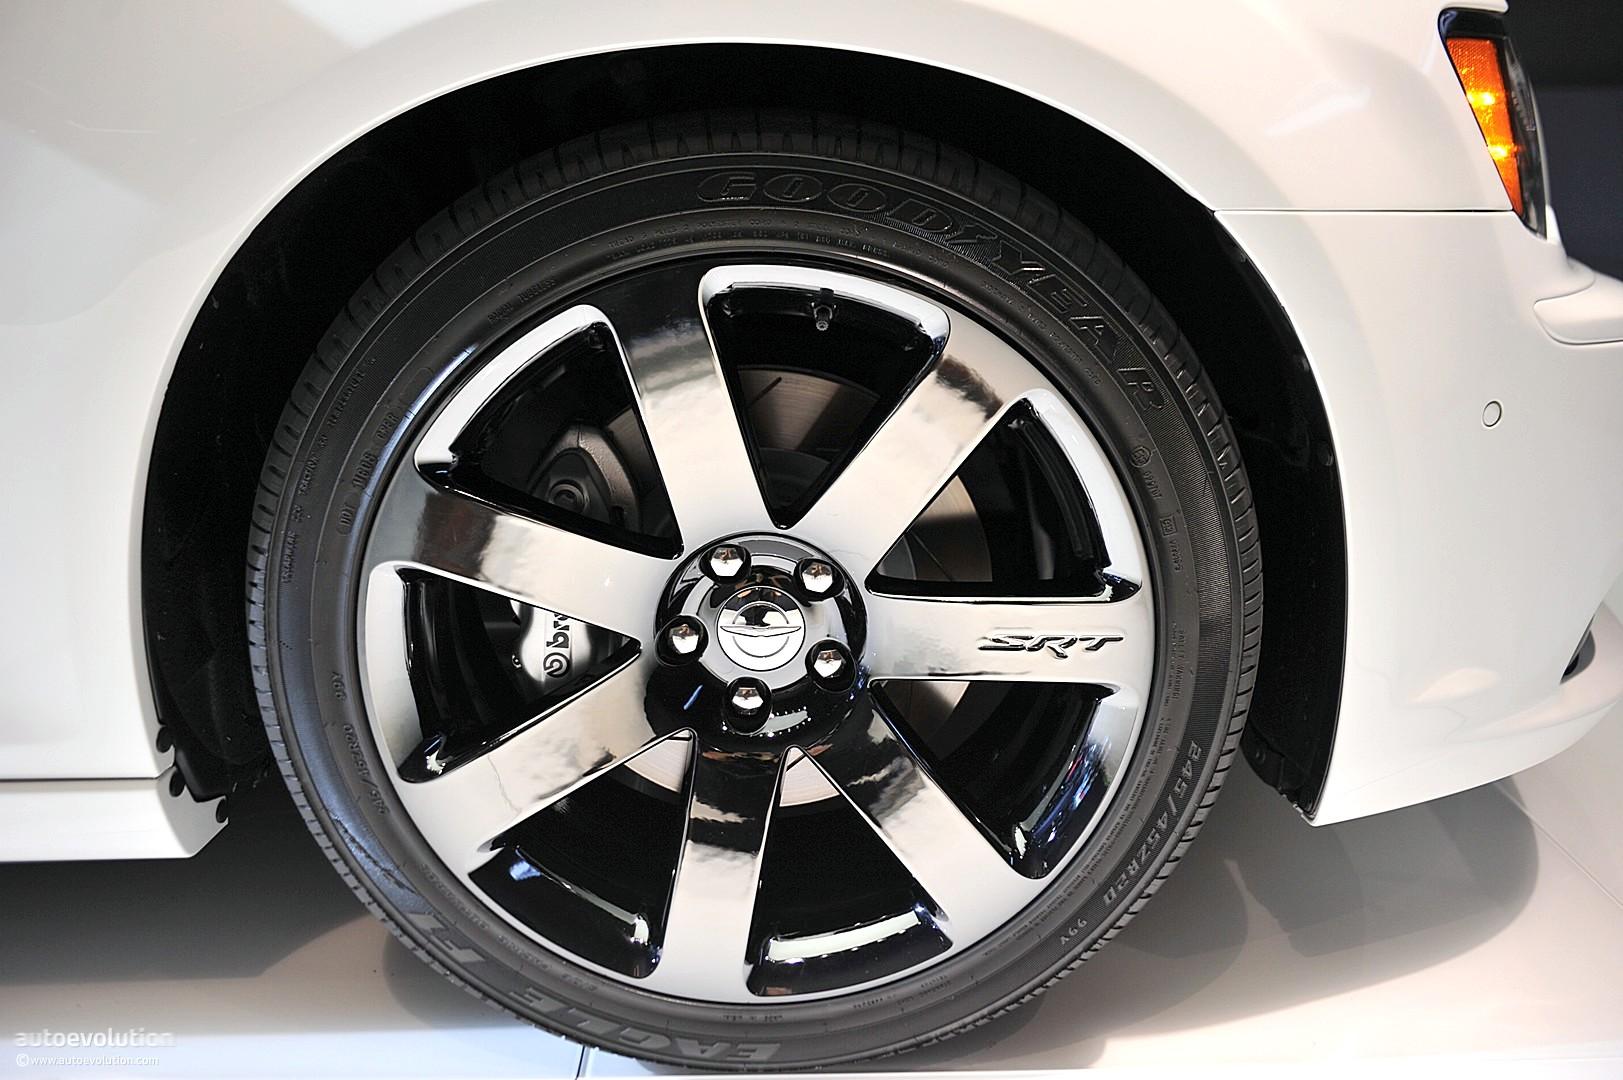 NYIAS 2011: Chrysler 300 SRT8 [Live Photos] - autoevolution